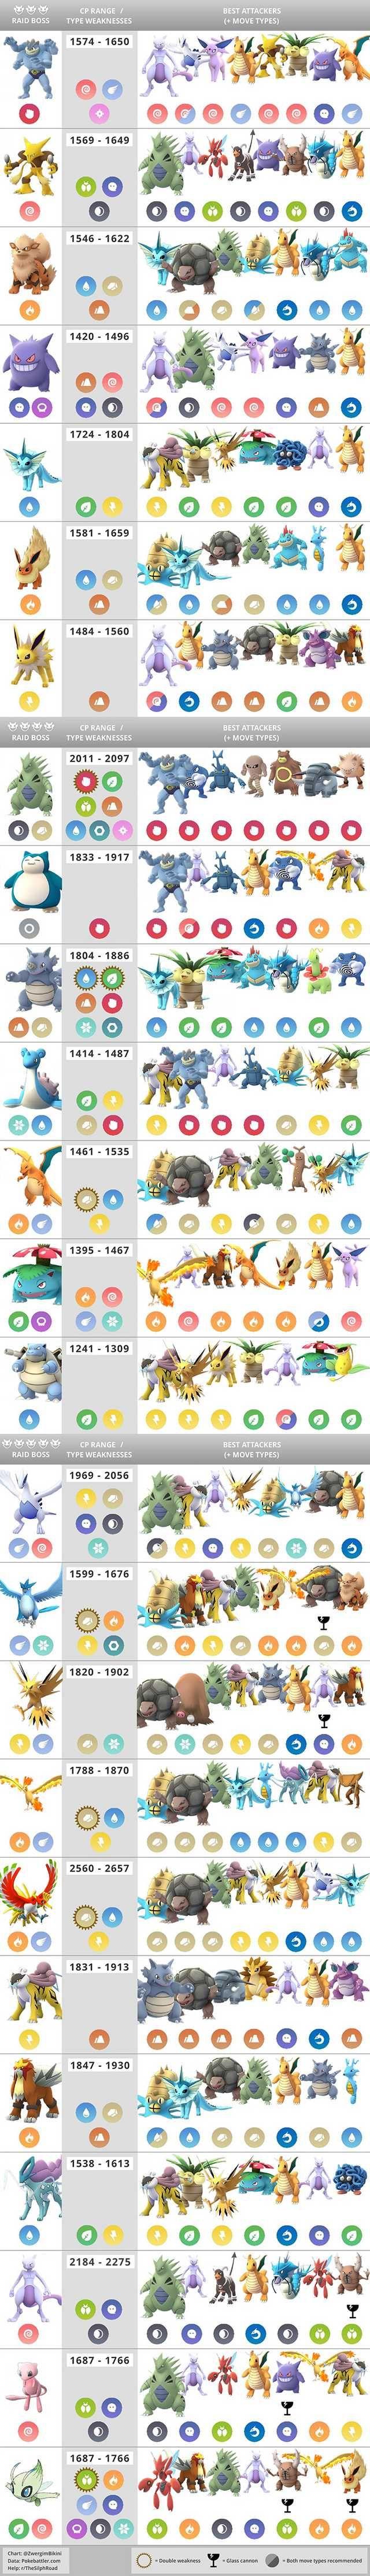 pokmon go raid boss chart best counters weaknesses cp range imgur